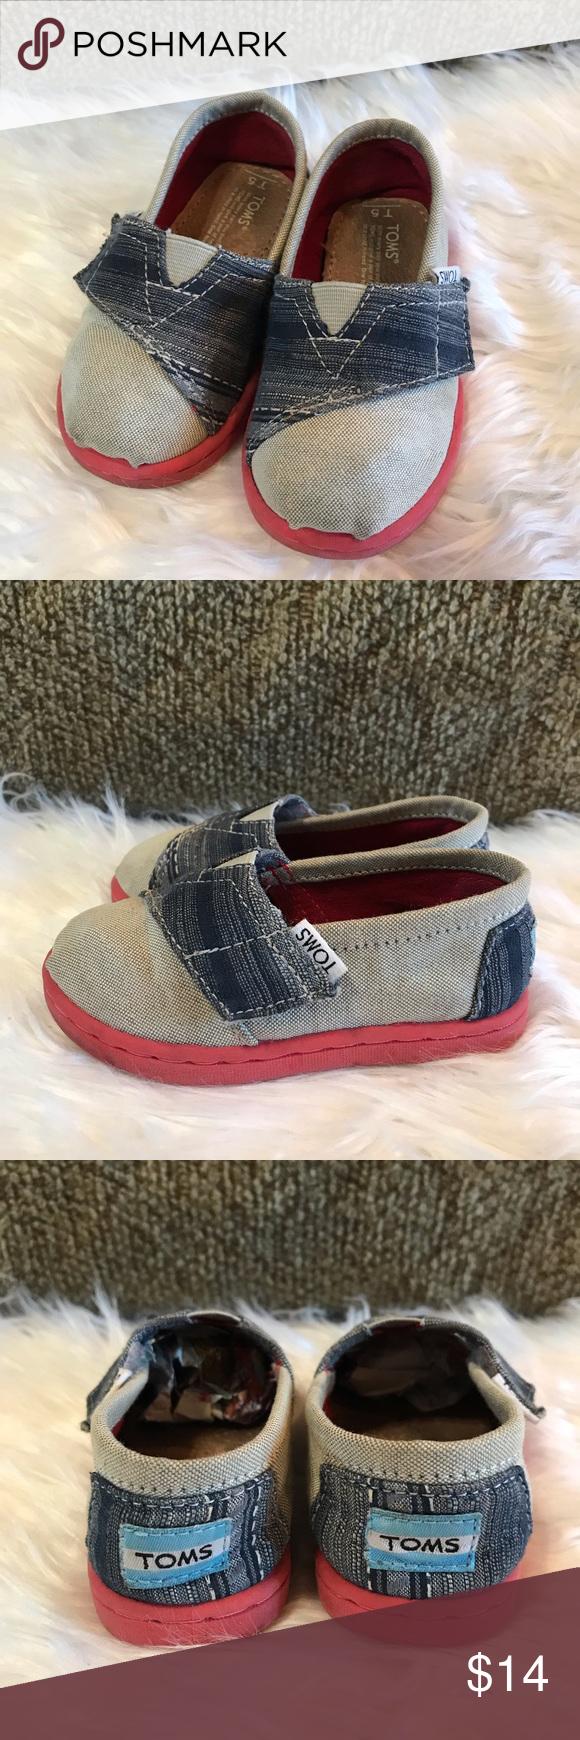 bcbfdd41d2a Toms Classic Canvas Shoes Sz T5 EUC Adorable   unique toddler Tiny TOMS.  Red sole